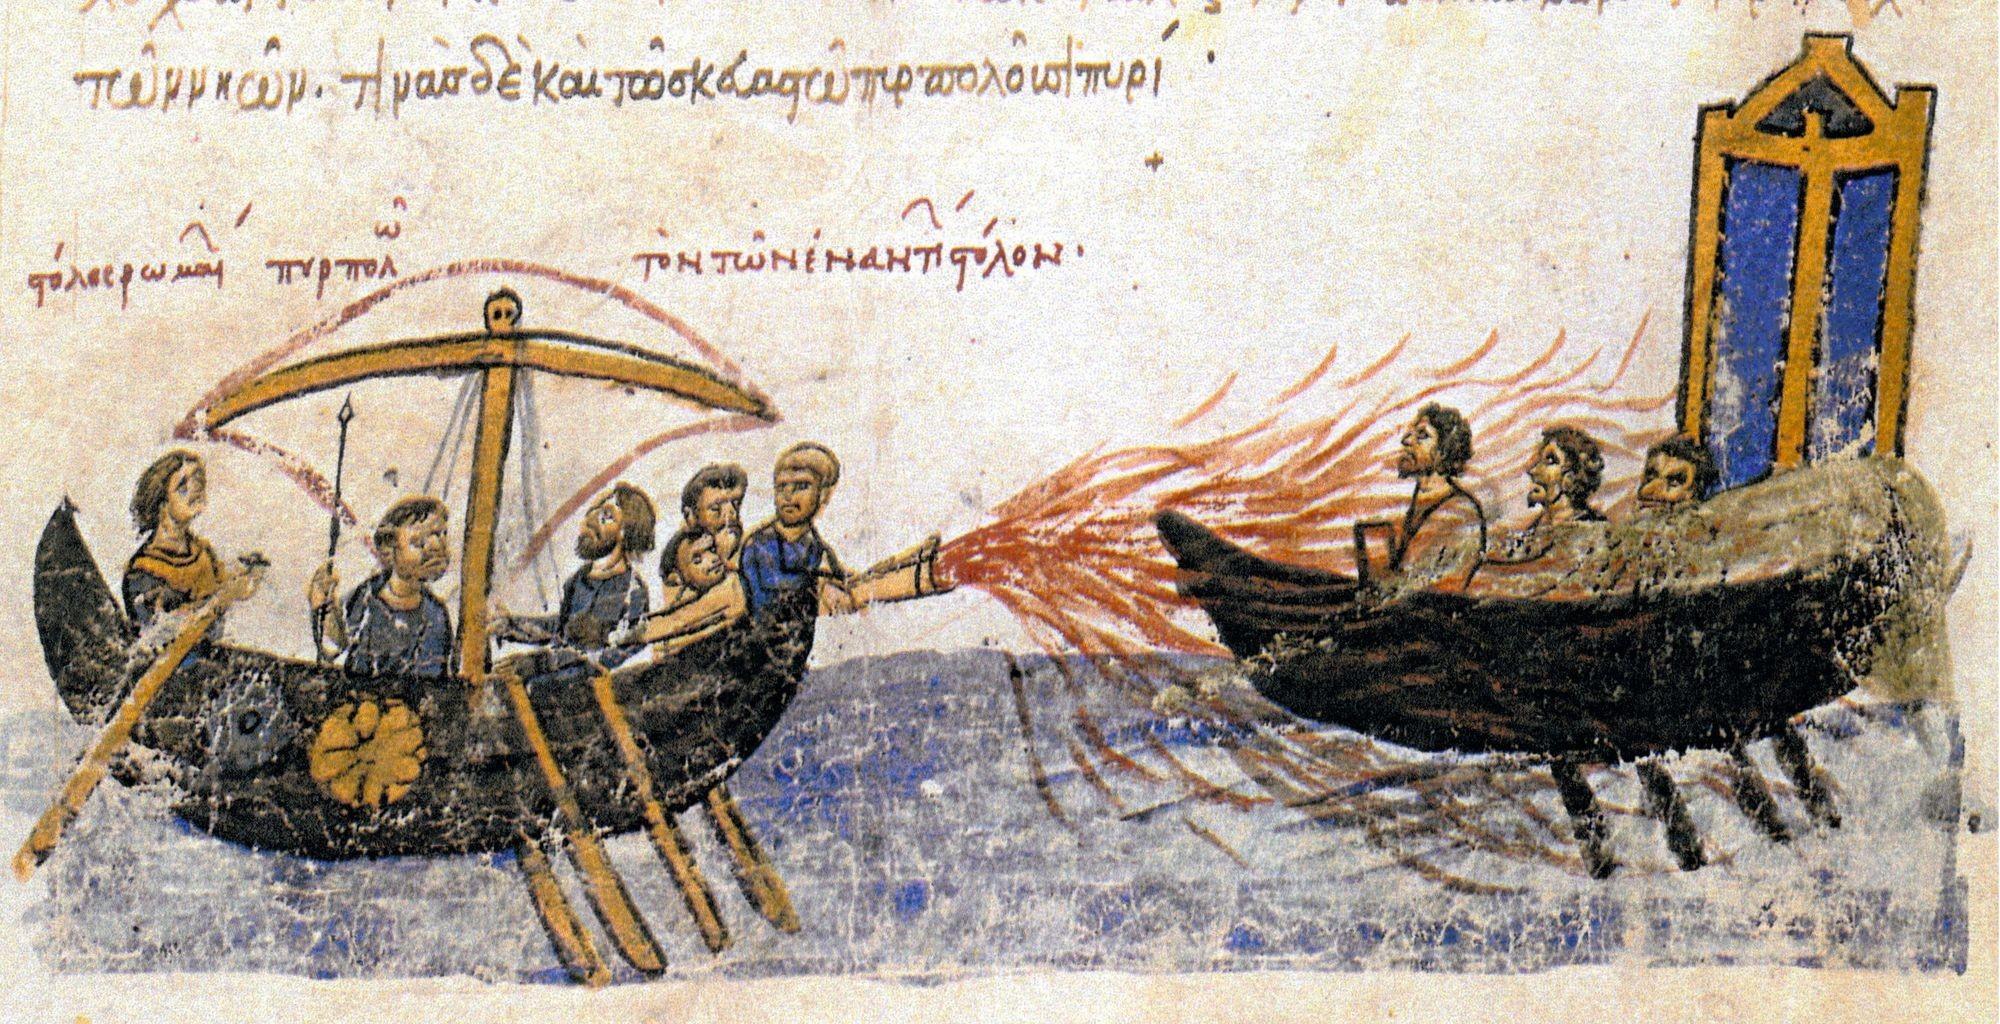 Navire byzantin faisant usage du feu grégeois (un mélange infl ammable), enluminure dans un manuscrit de la Chronique de Jean Skylitzès, v. 1150, BNE, Madrid